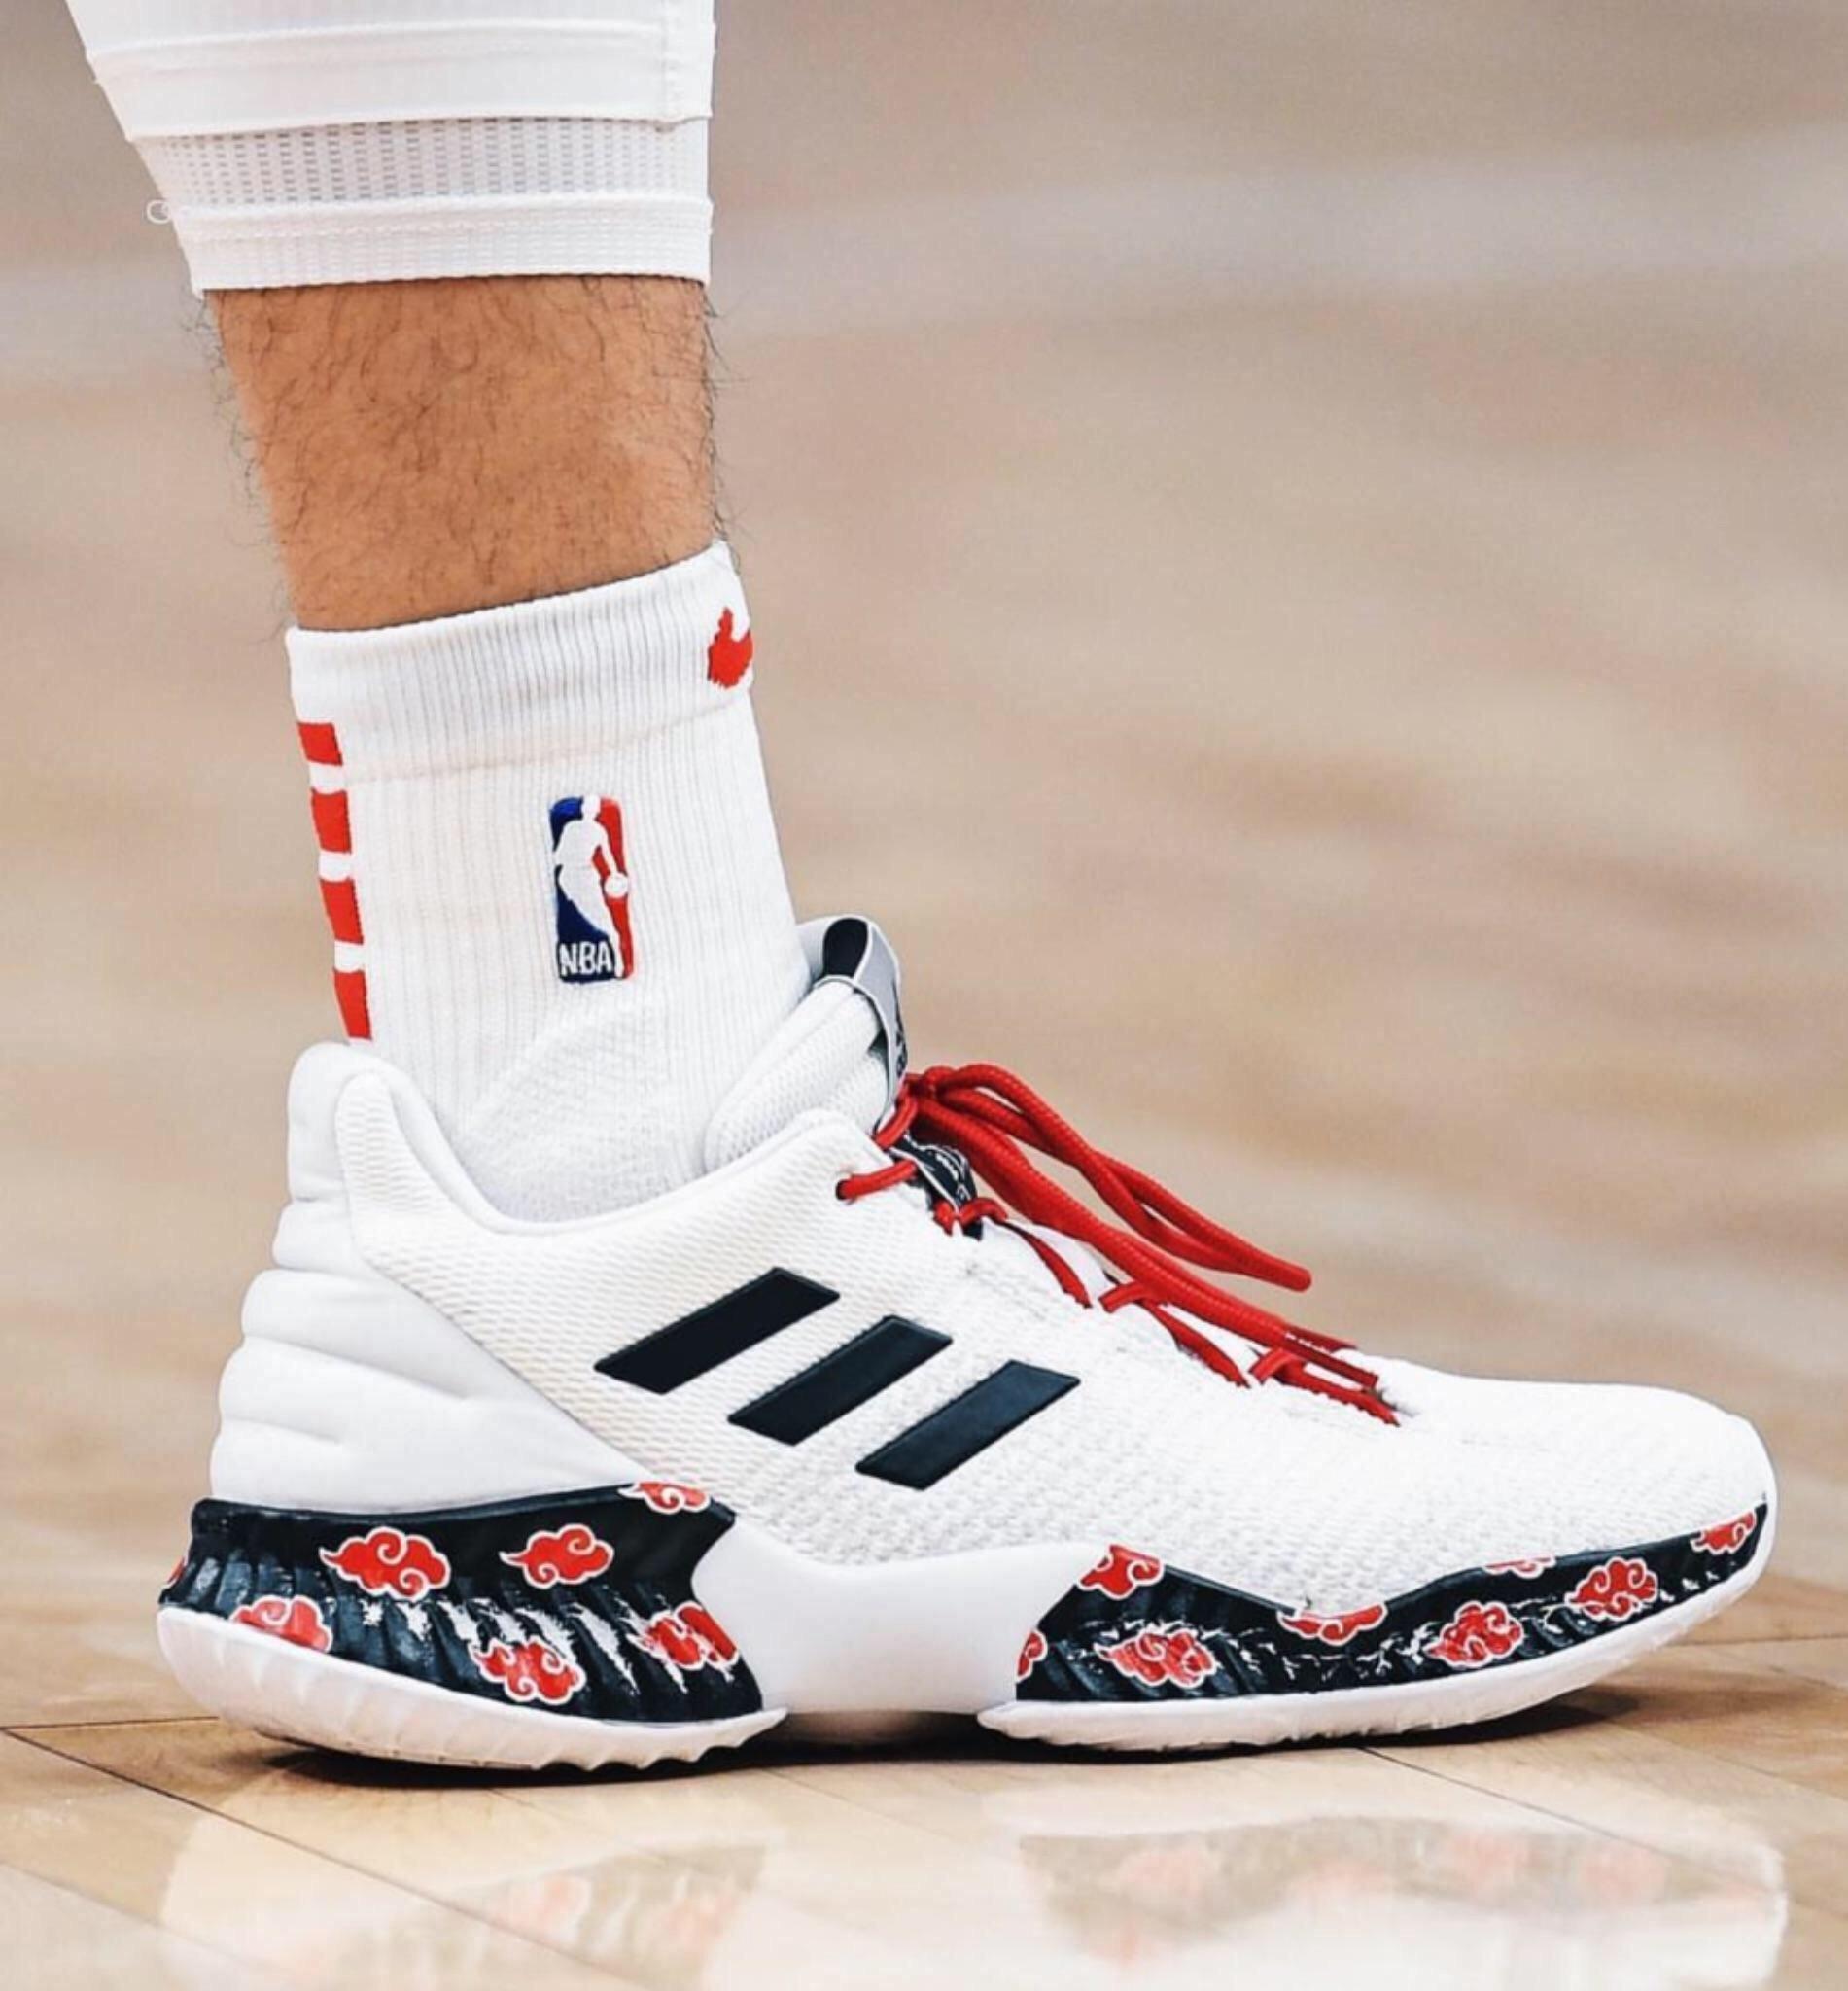 e928fa0a207c Jeremy Lin from the Atlanta Hawks wearing custom Akatsuki Adidas ...